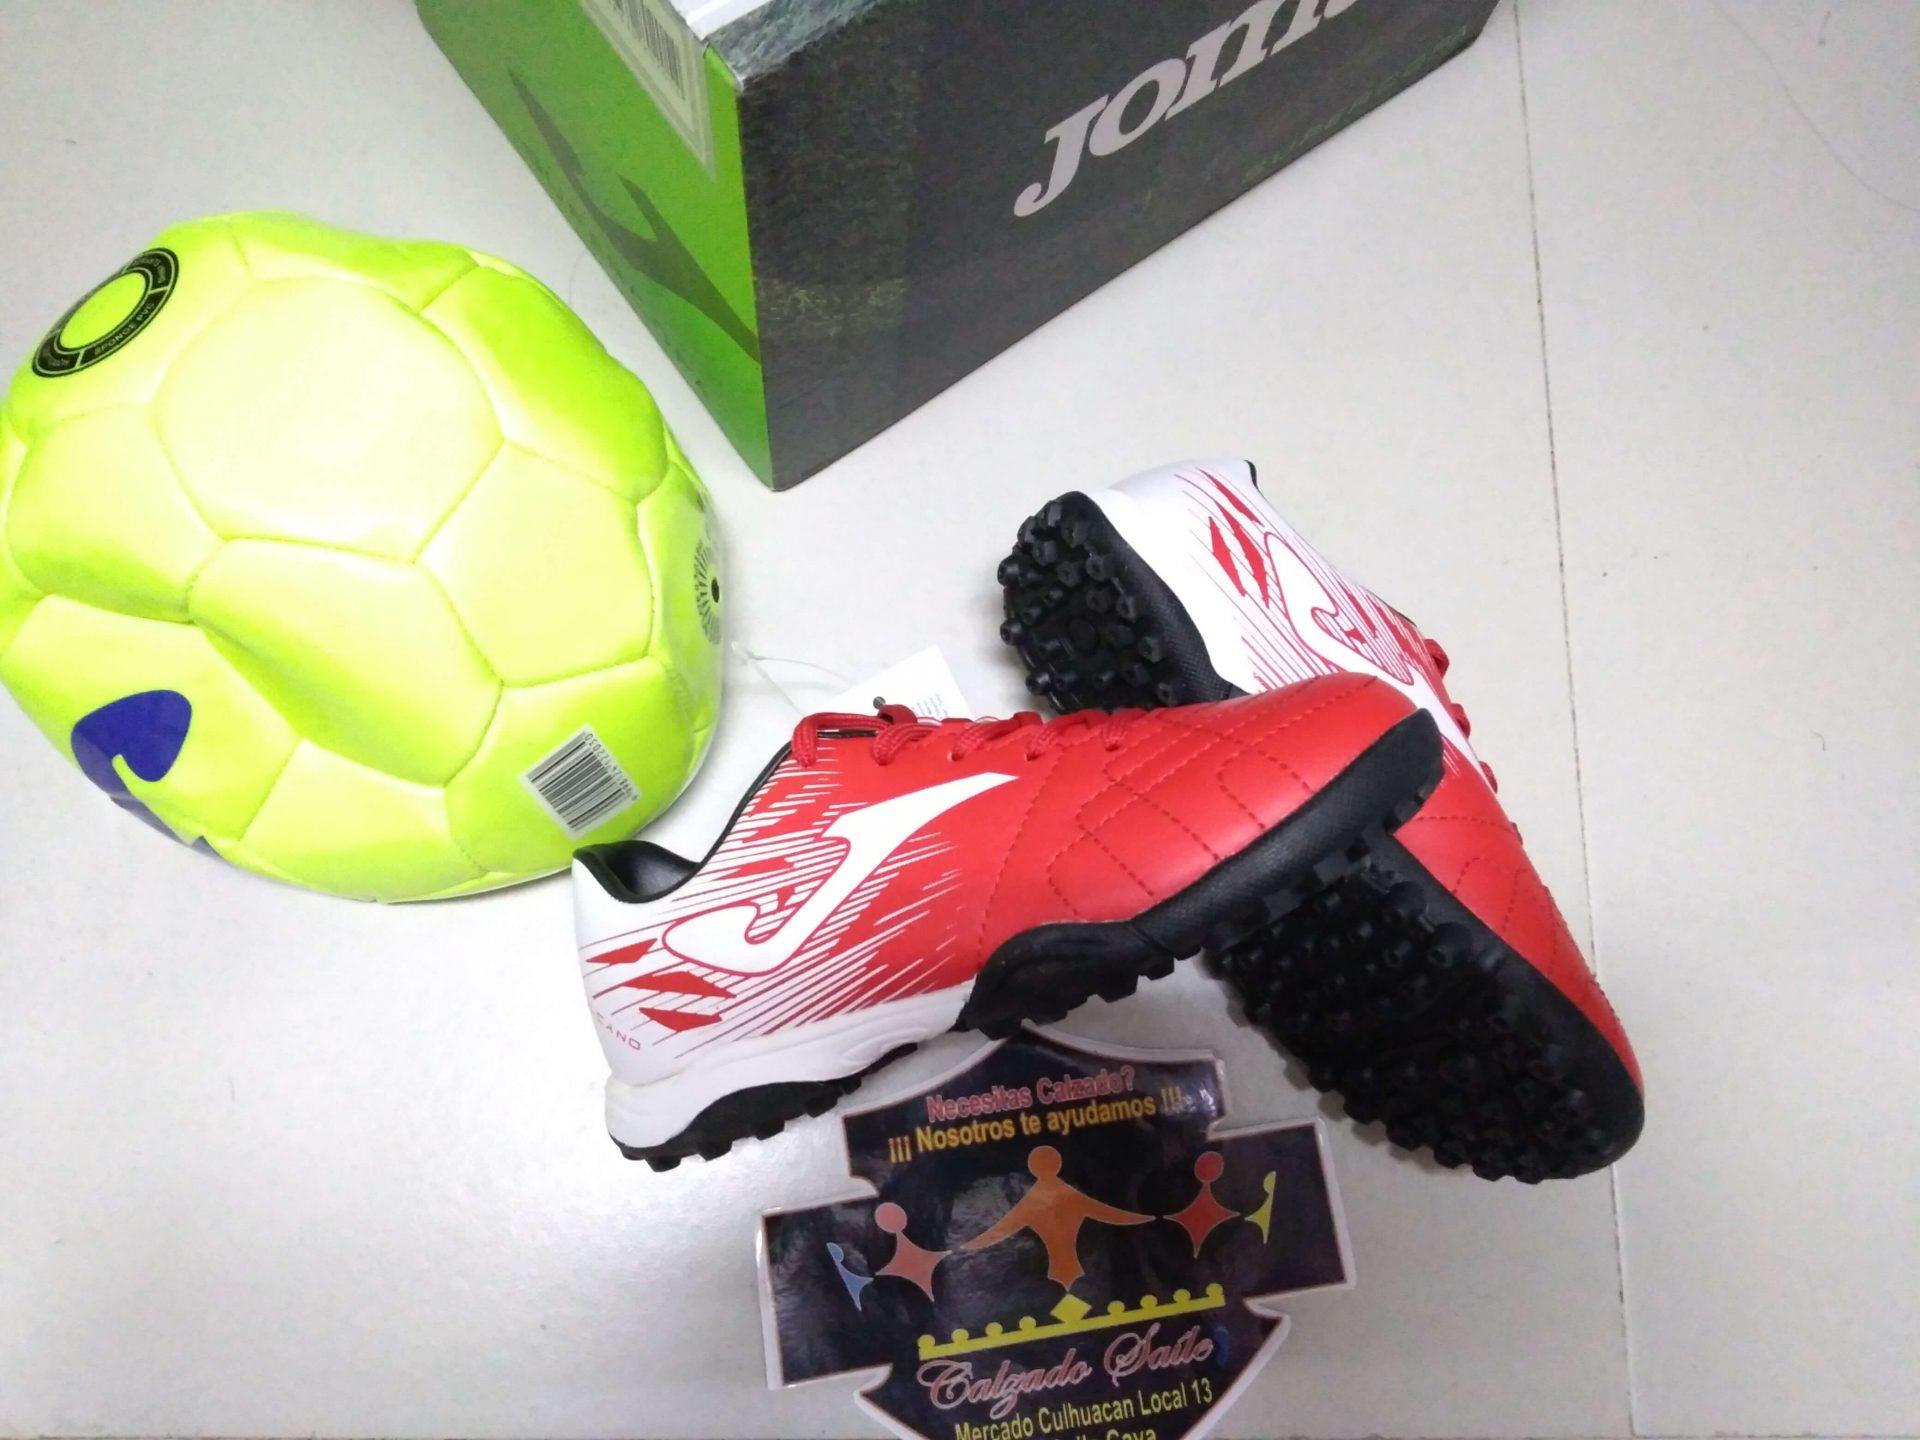 Tenis Fútbol rápido y balón Joma, choclo suela hule agujetas